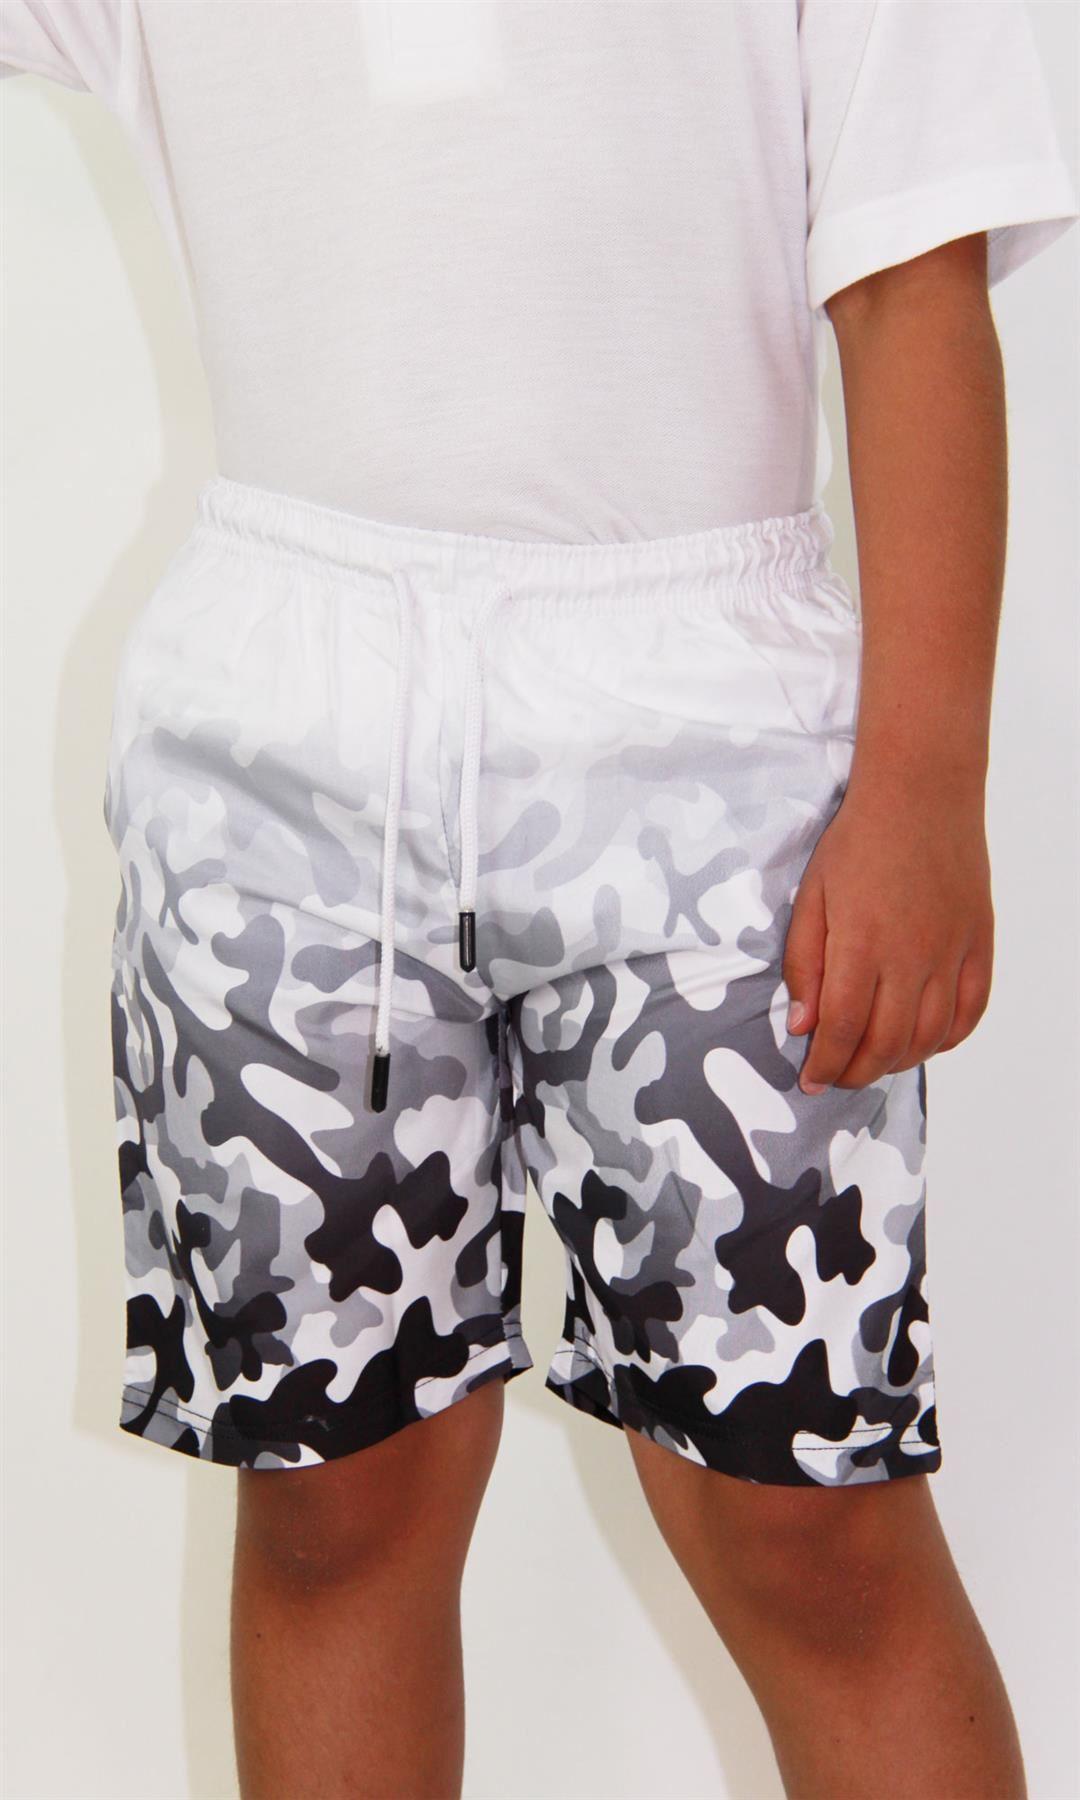 Enfants Garçons Filles Short deux tons Camouflage Gris Été Chino Longueur Genou Pantalon